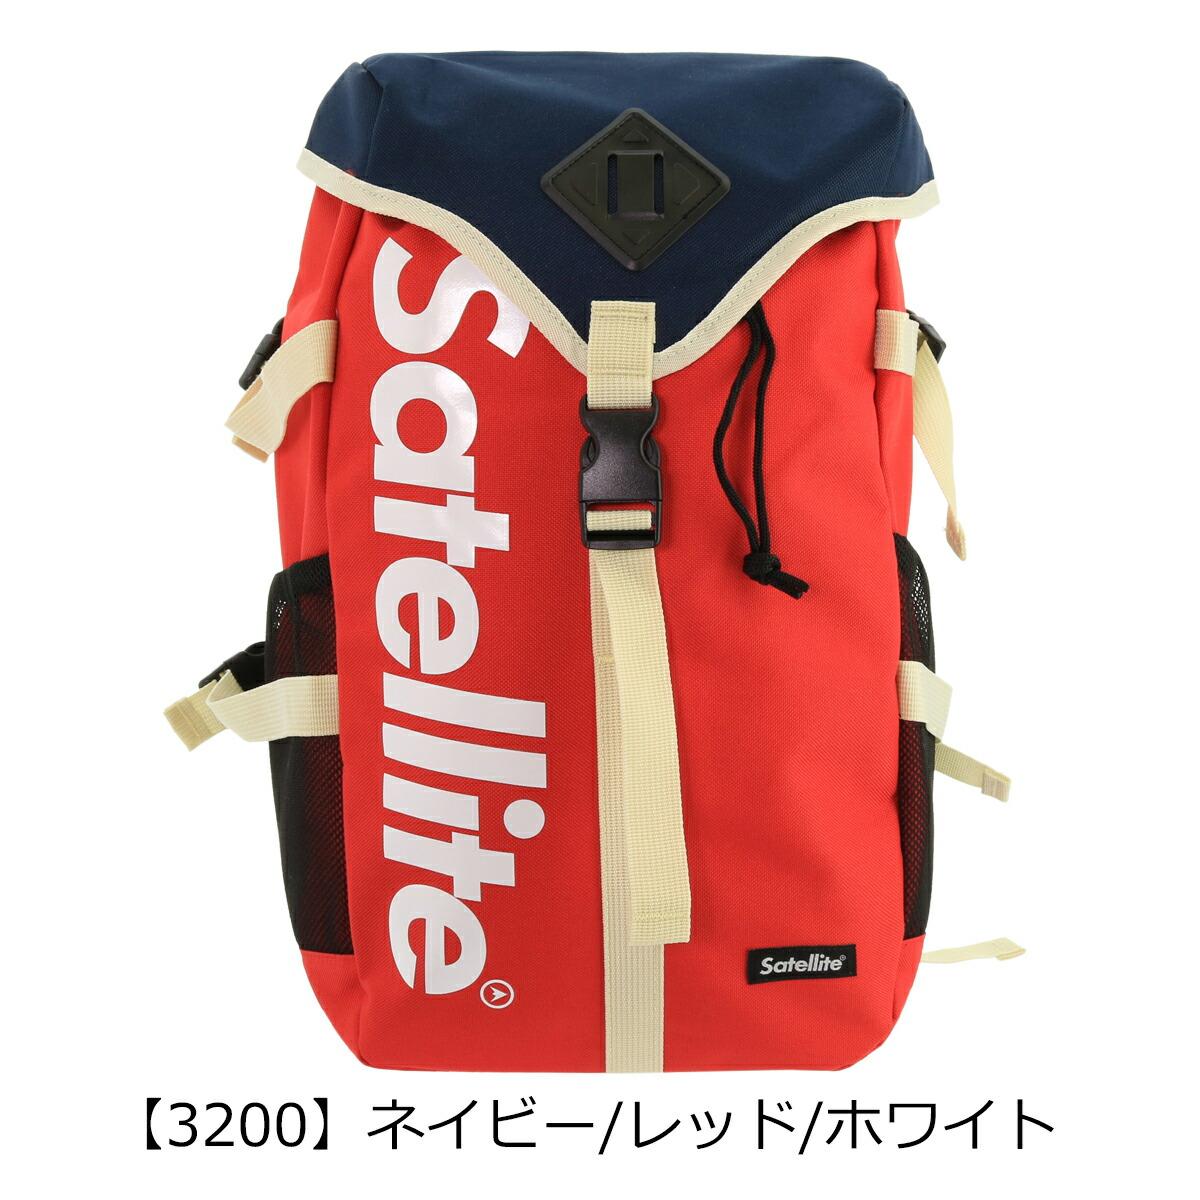 【3200】ネイビー/レッド/ホワイト